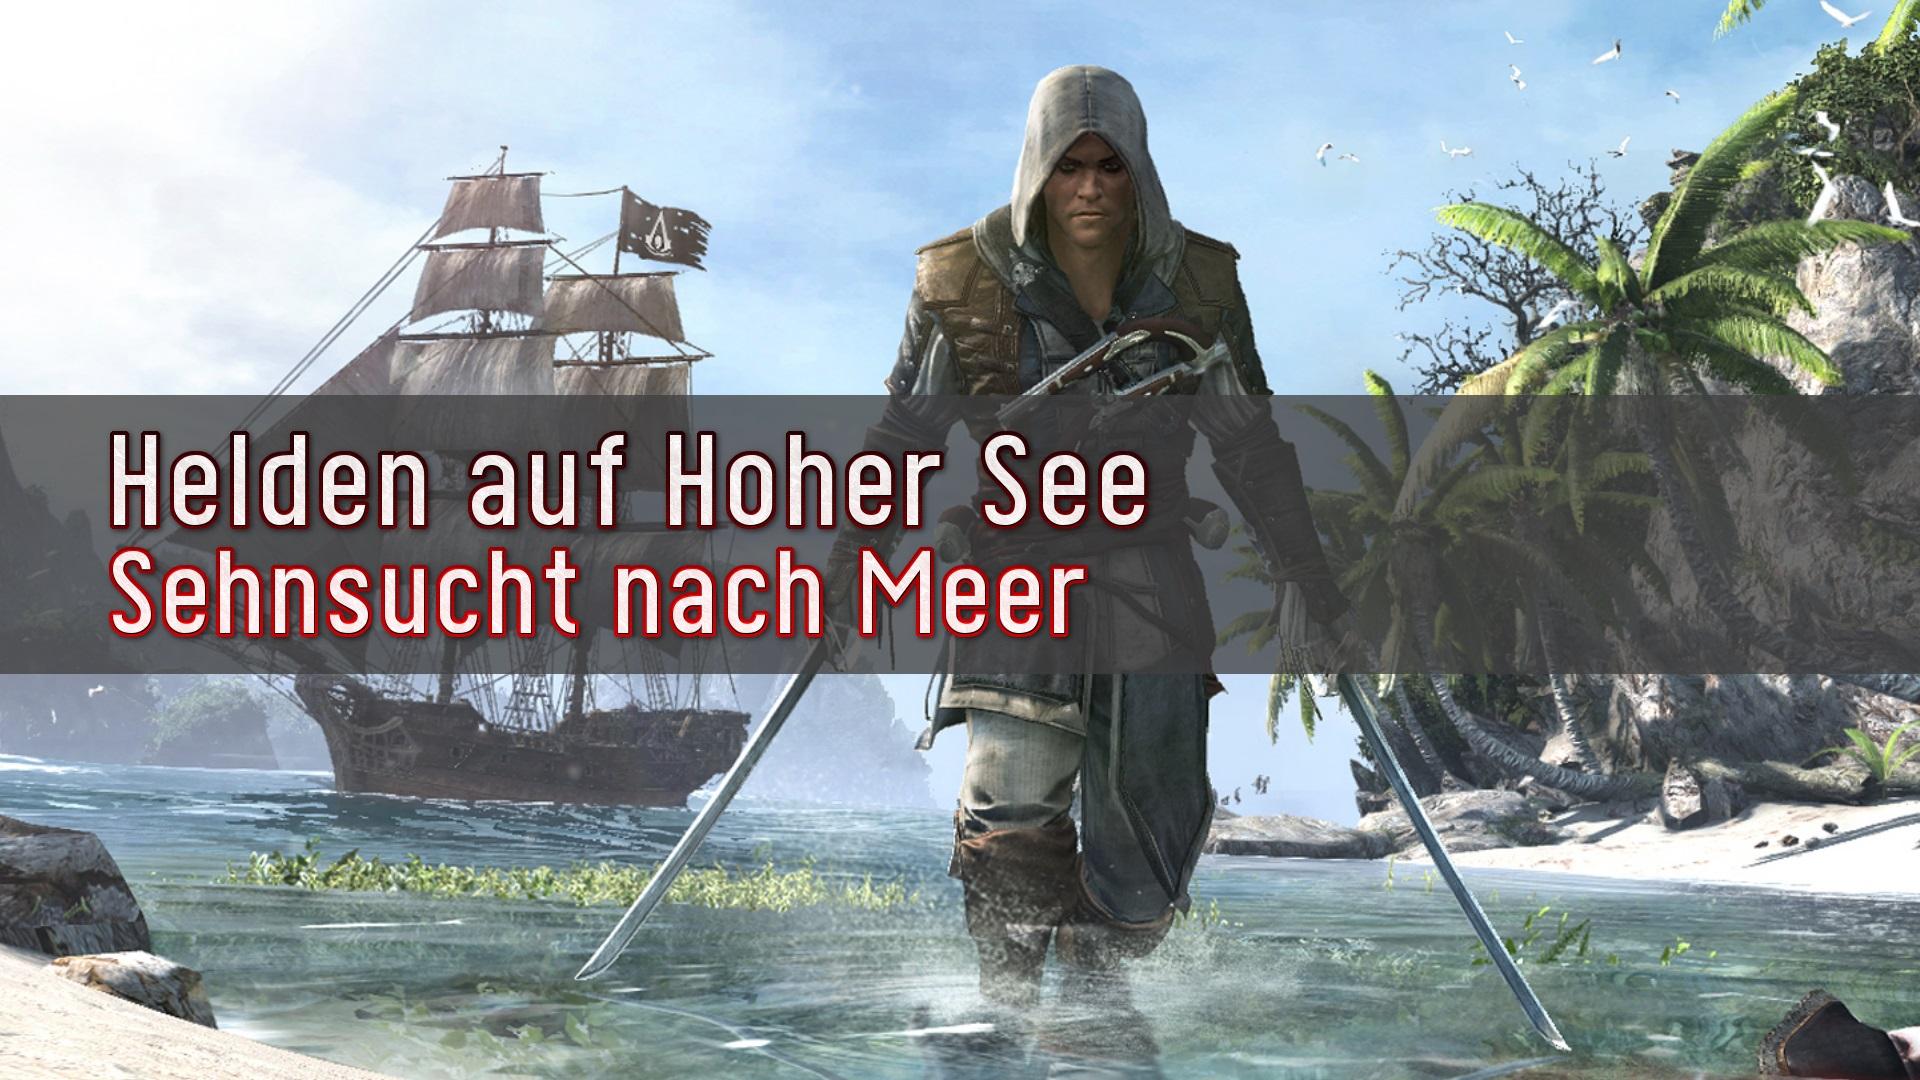 Helden auf hoher See